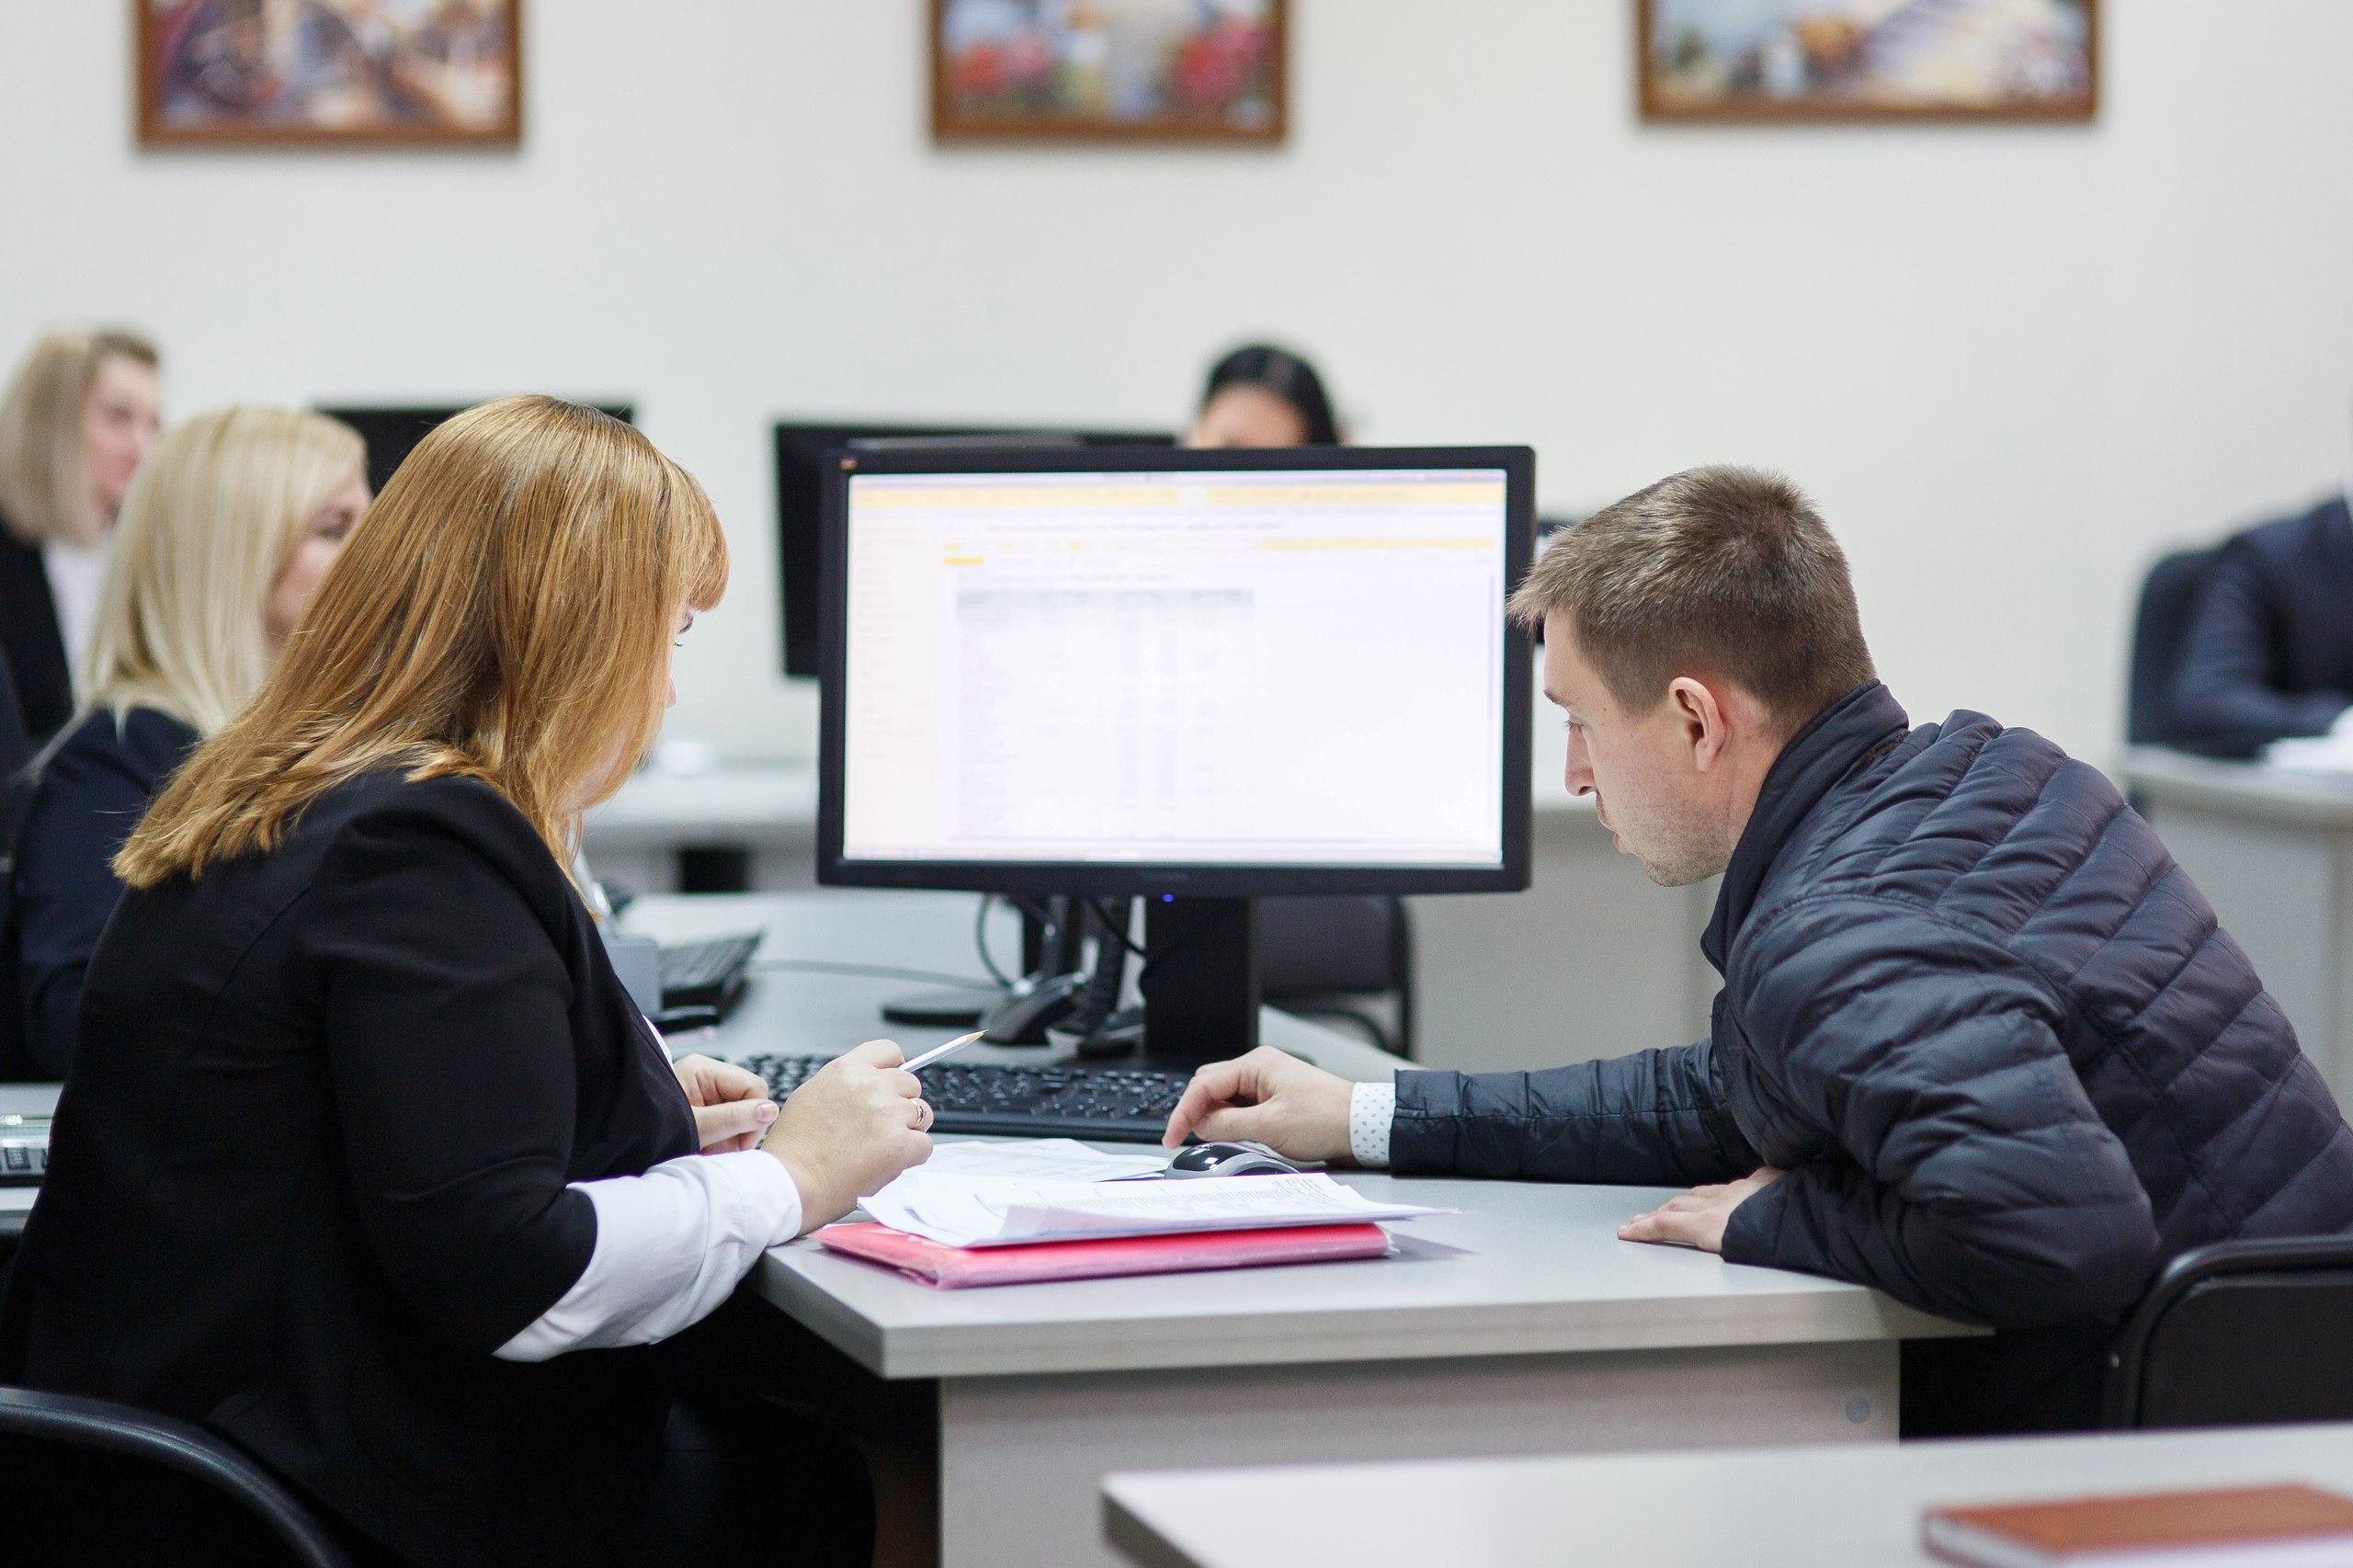 Бухгалтерское сопровождение в астане работа бухгалтером калькулятором в москве без опыта